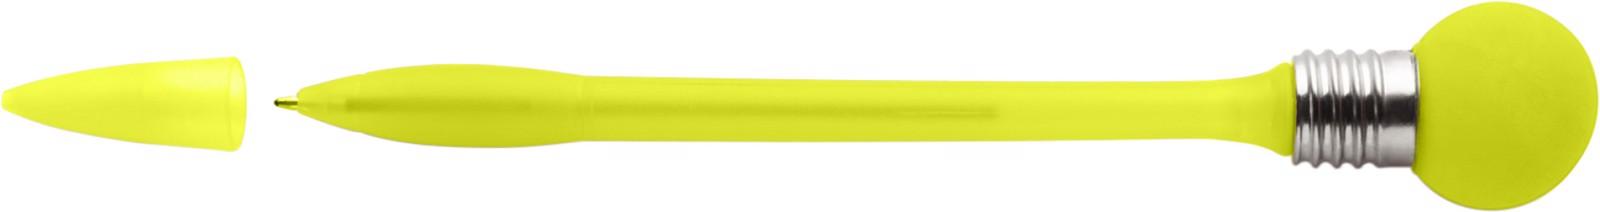 Plastic ballpen - Yellow